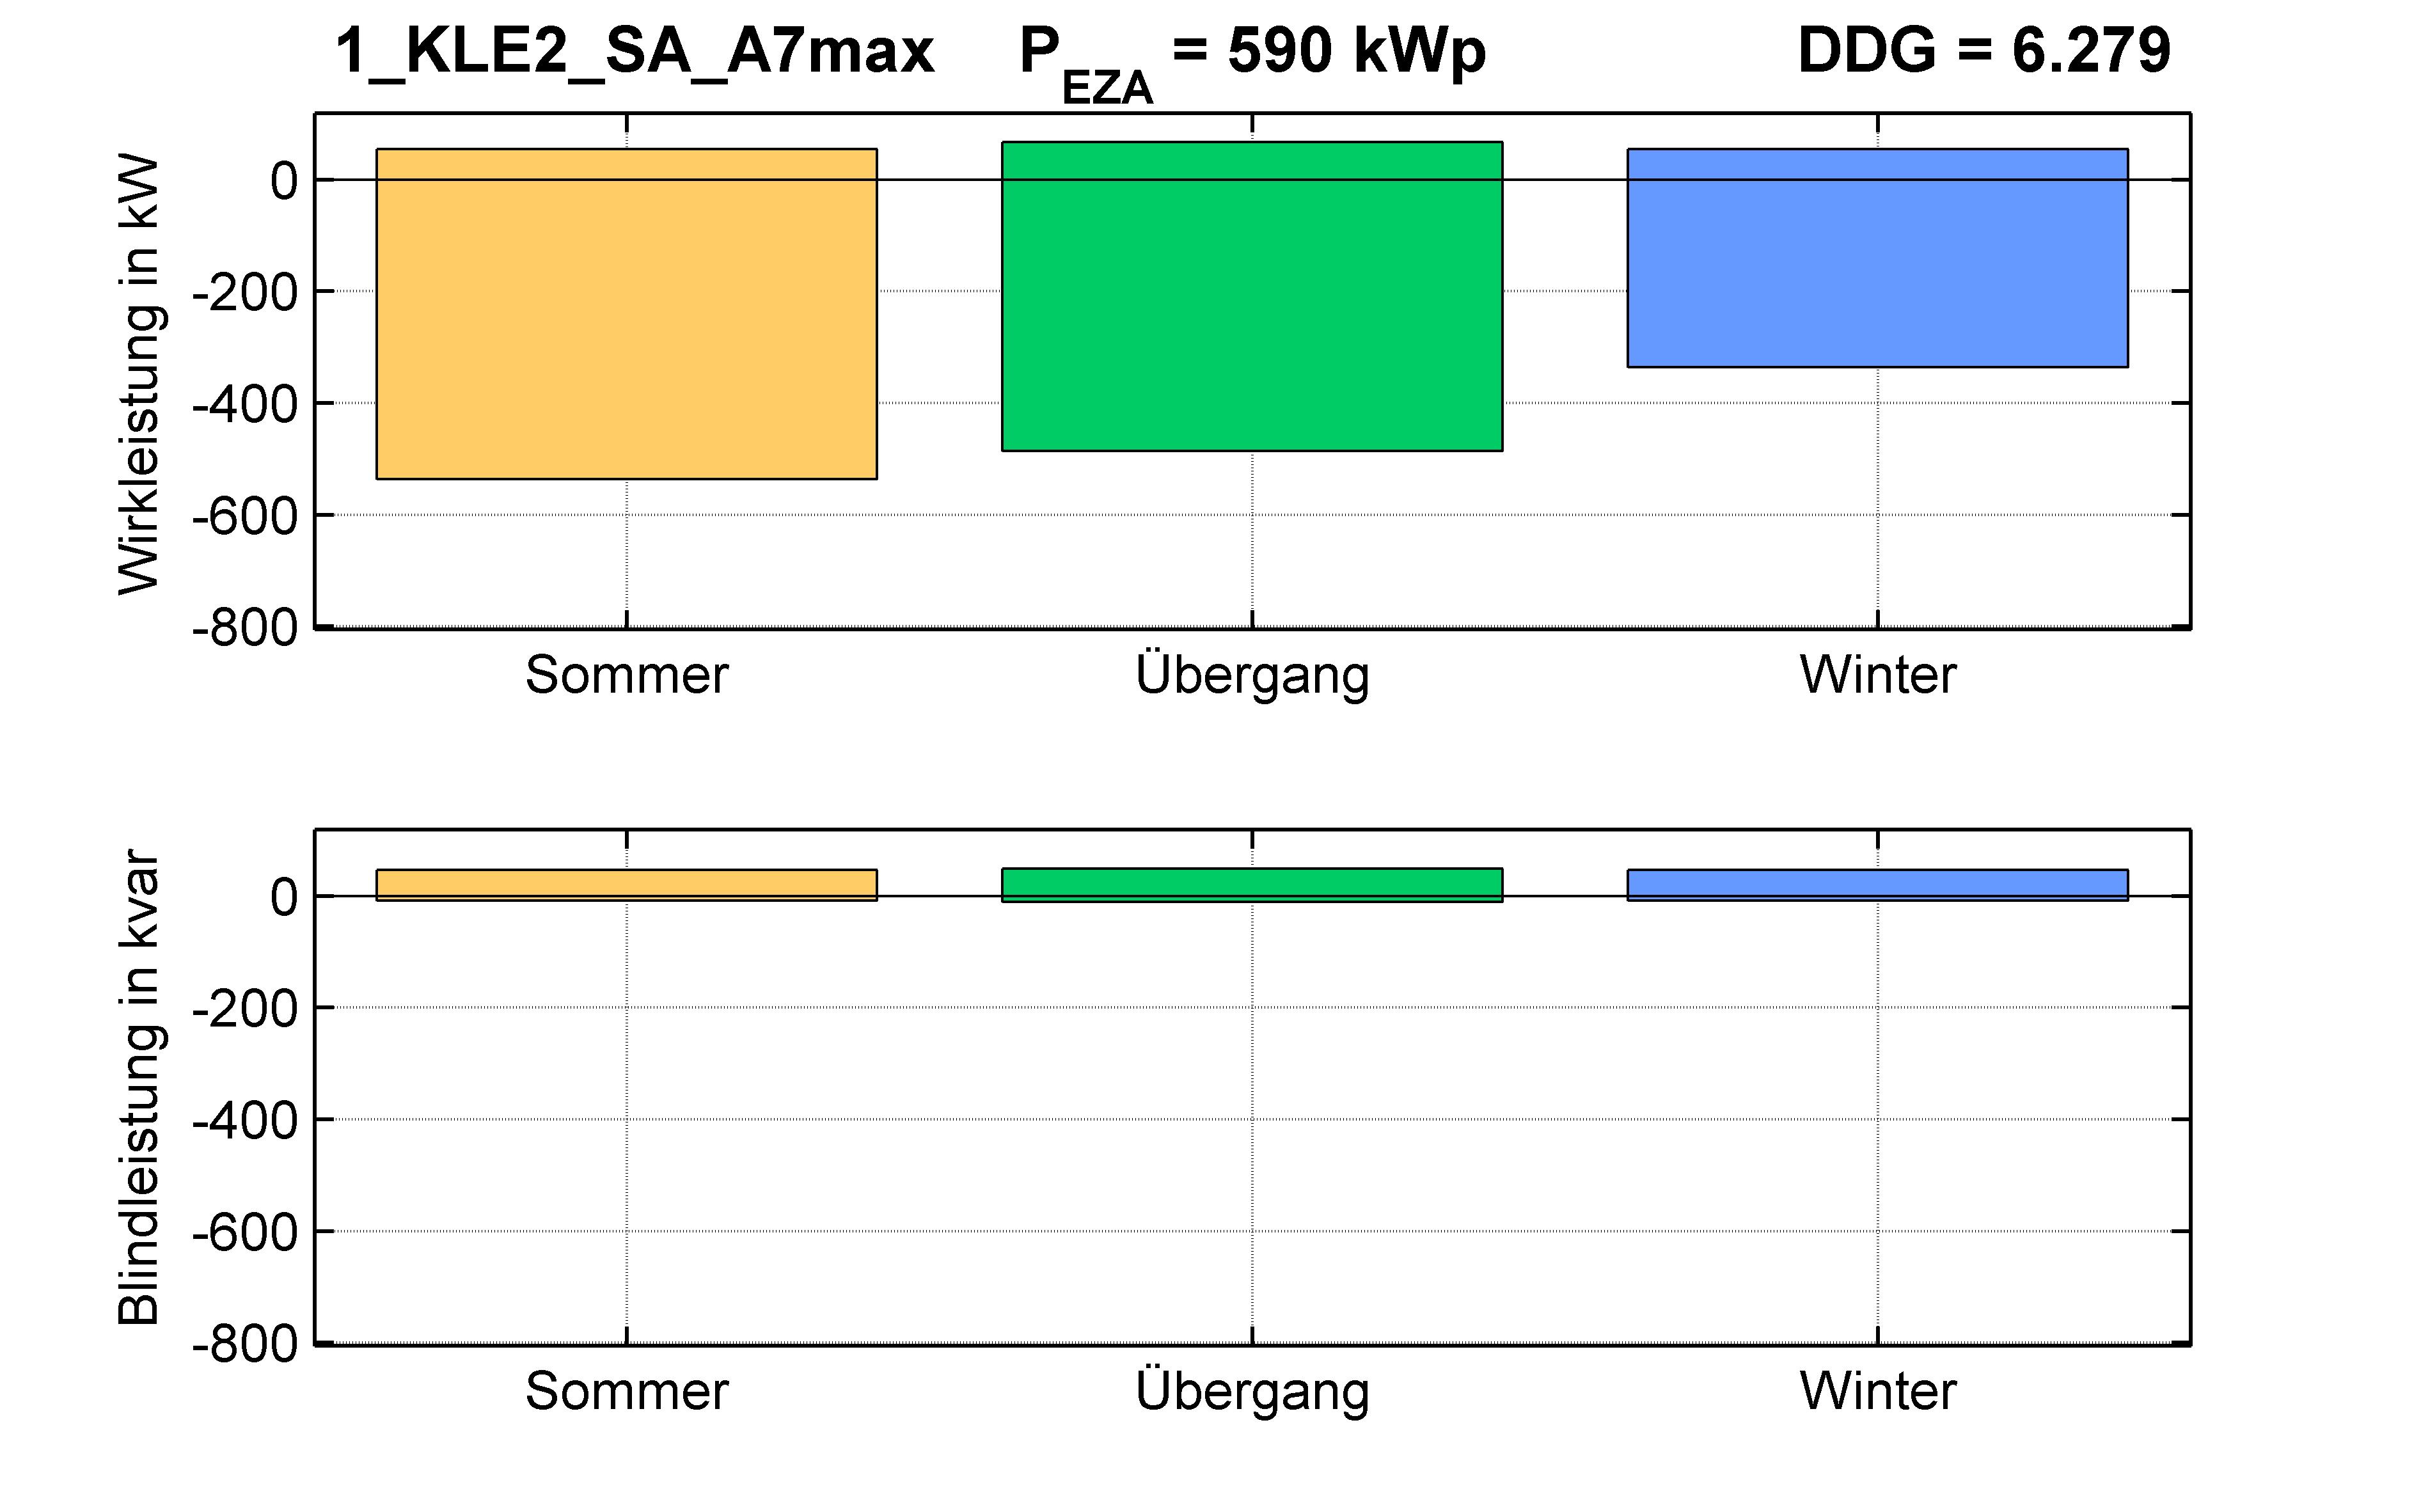 KLE2 | KABEL (SA) A7max | PQ-Bilanz